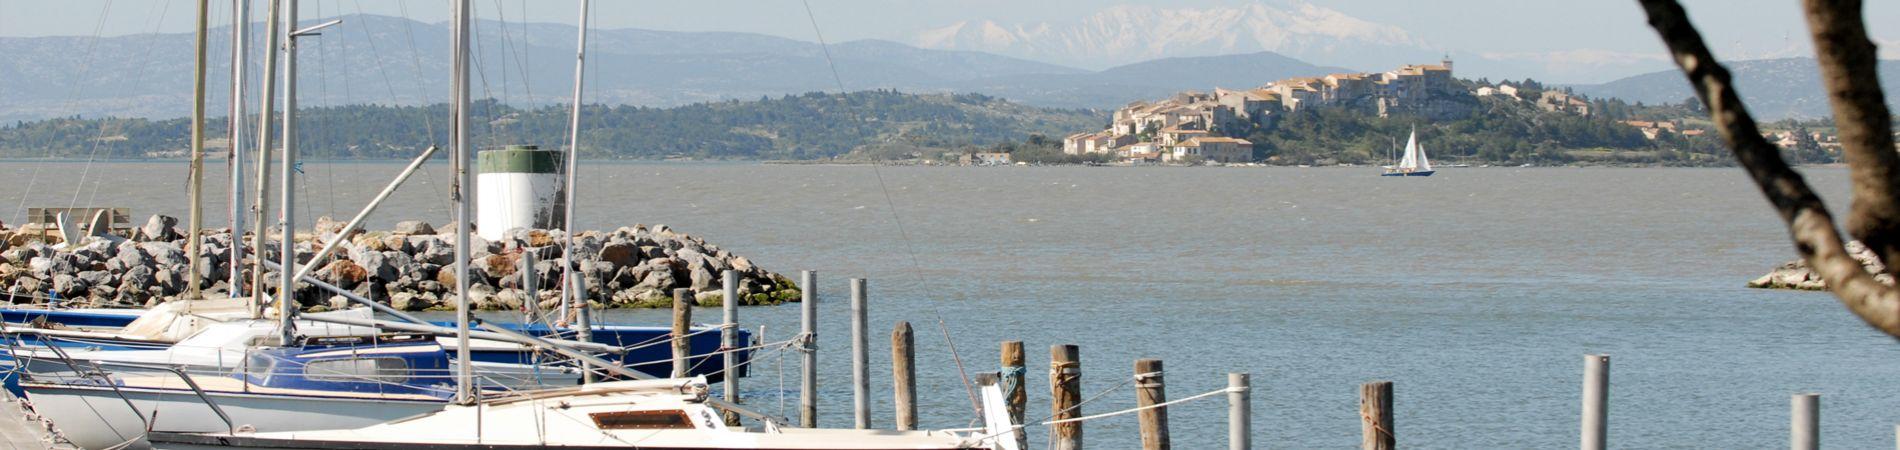 Bateaux au port à Bages